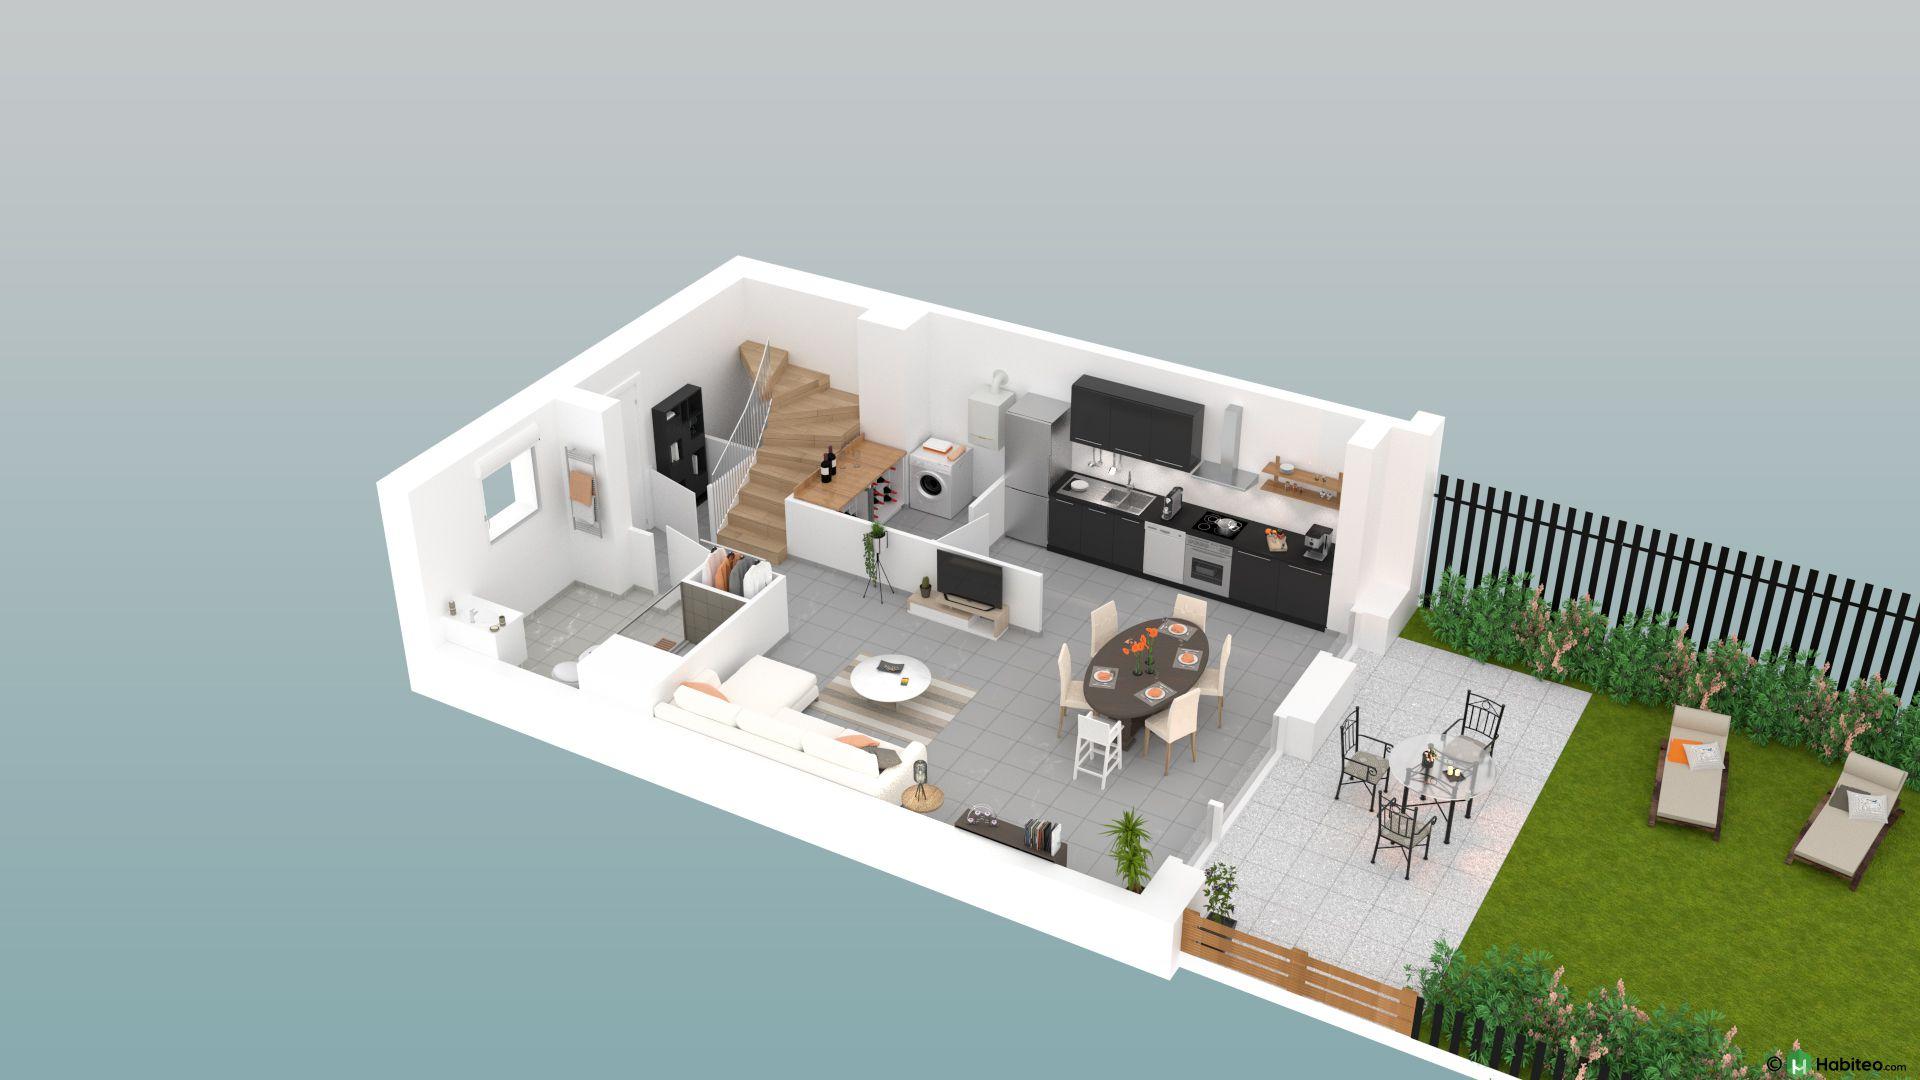 plan 3d du rez de chausse dune maison du programme virtuos situ